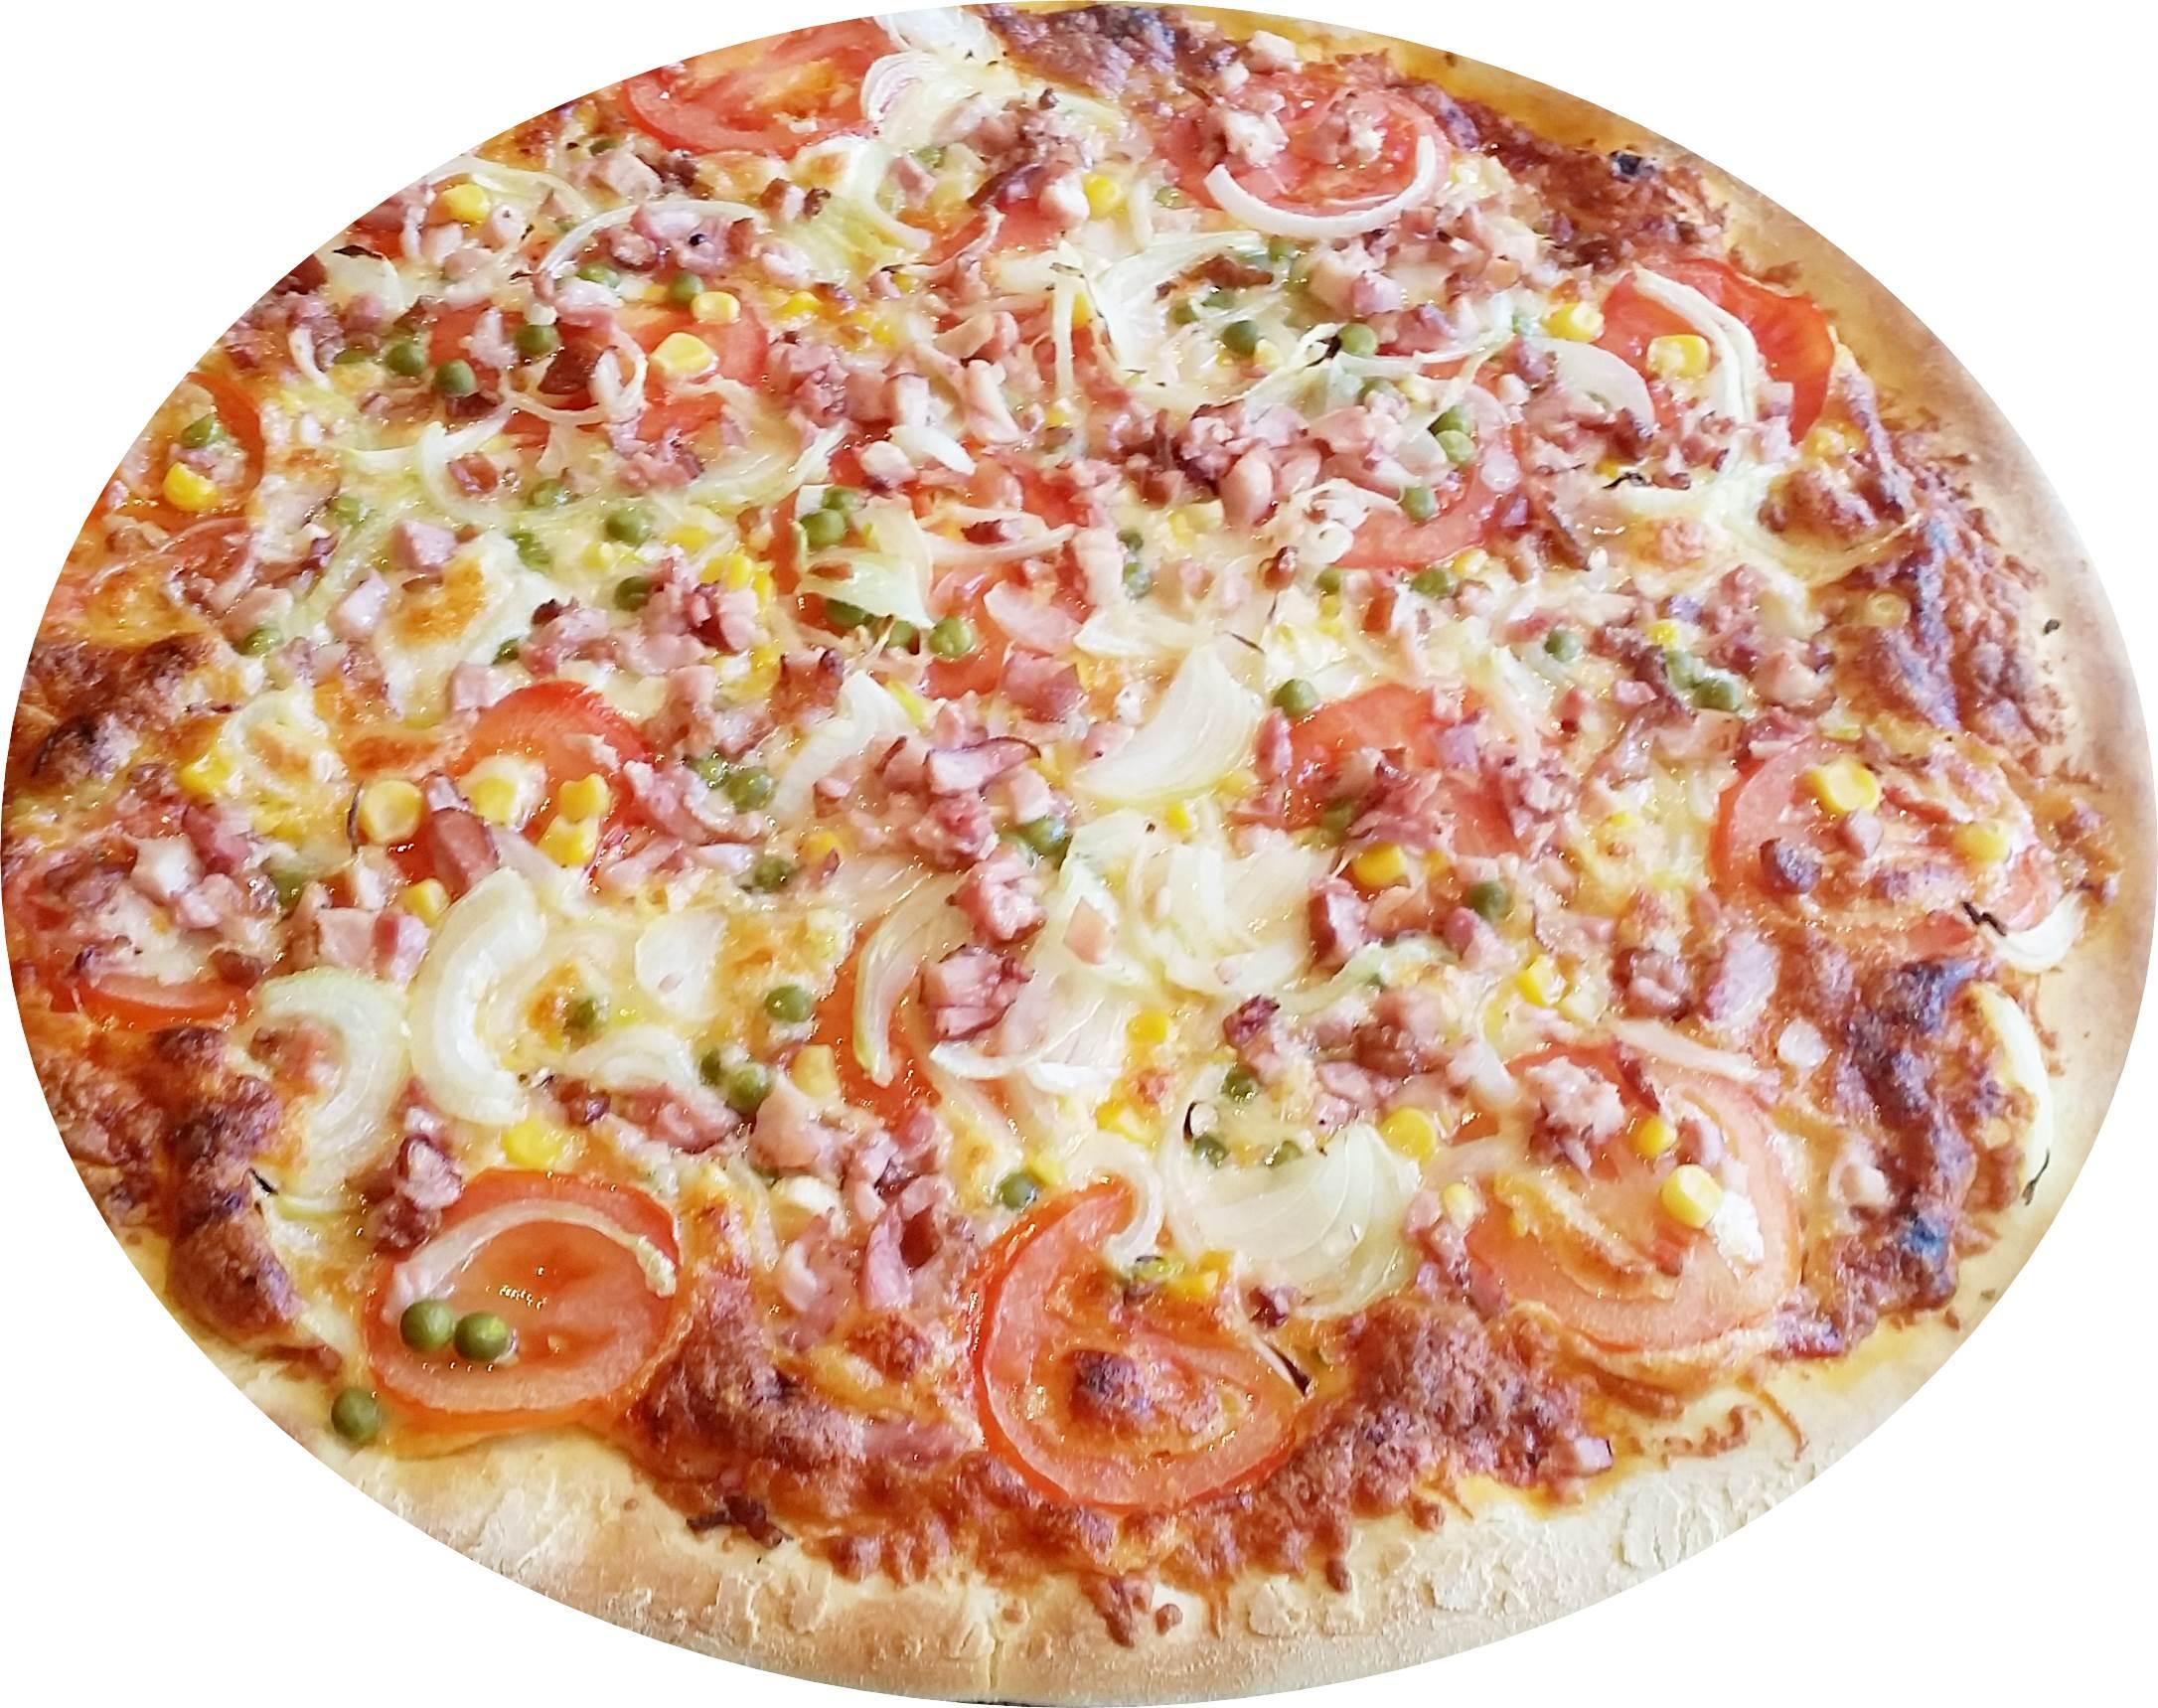 Dolce - pizza da Antonio Łódź